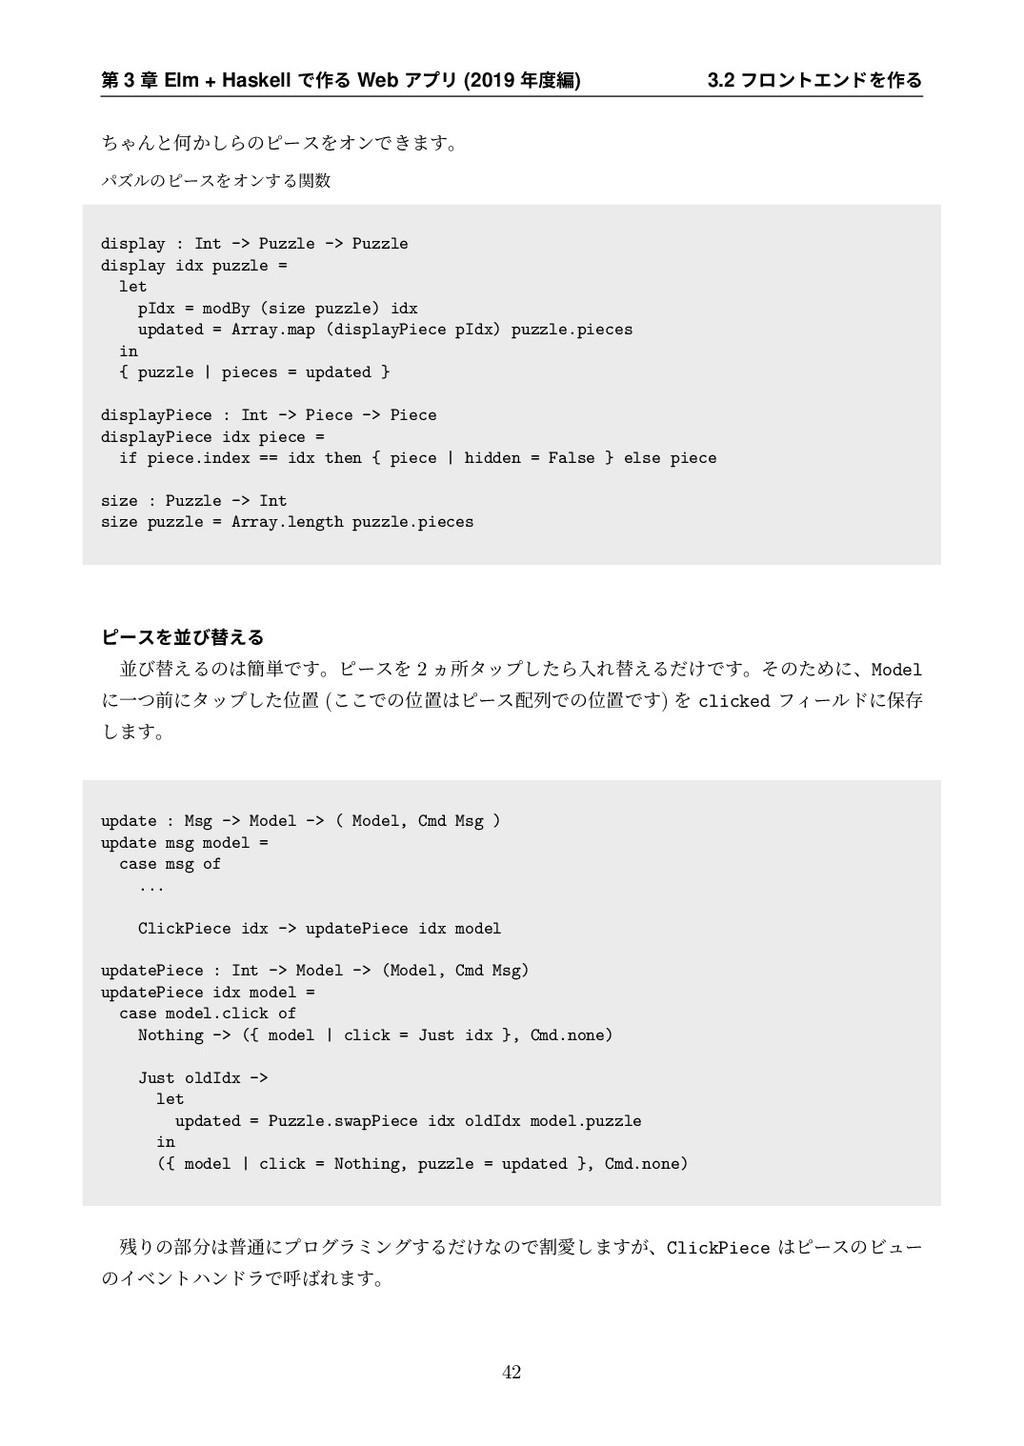 第 3 章 Elm + Haskell で作る Web アプリ (2019 年度編) 3.2 ...